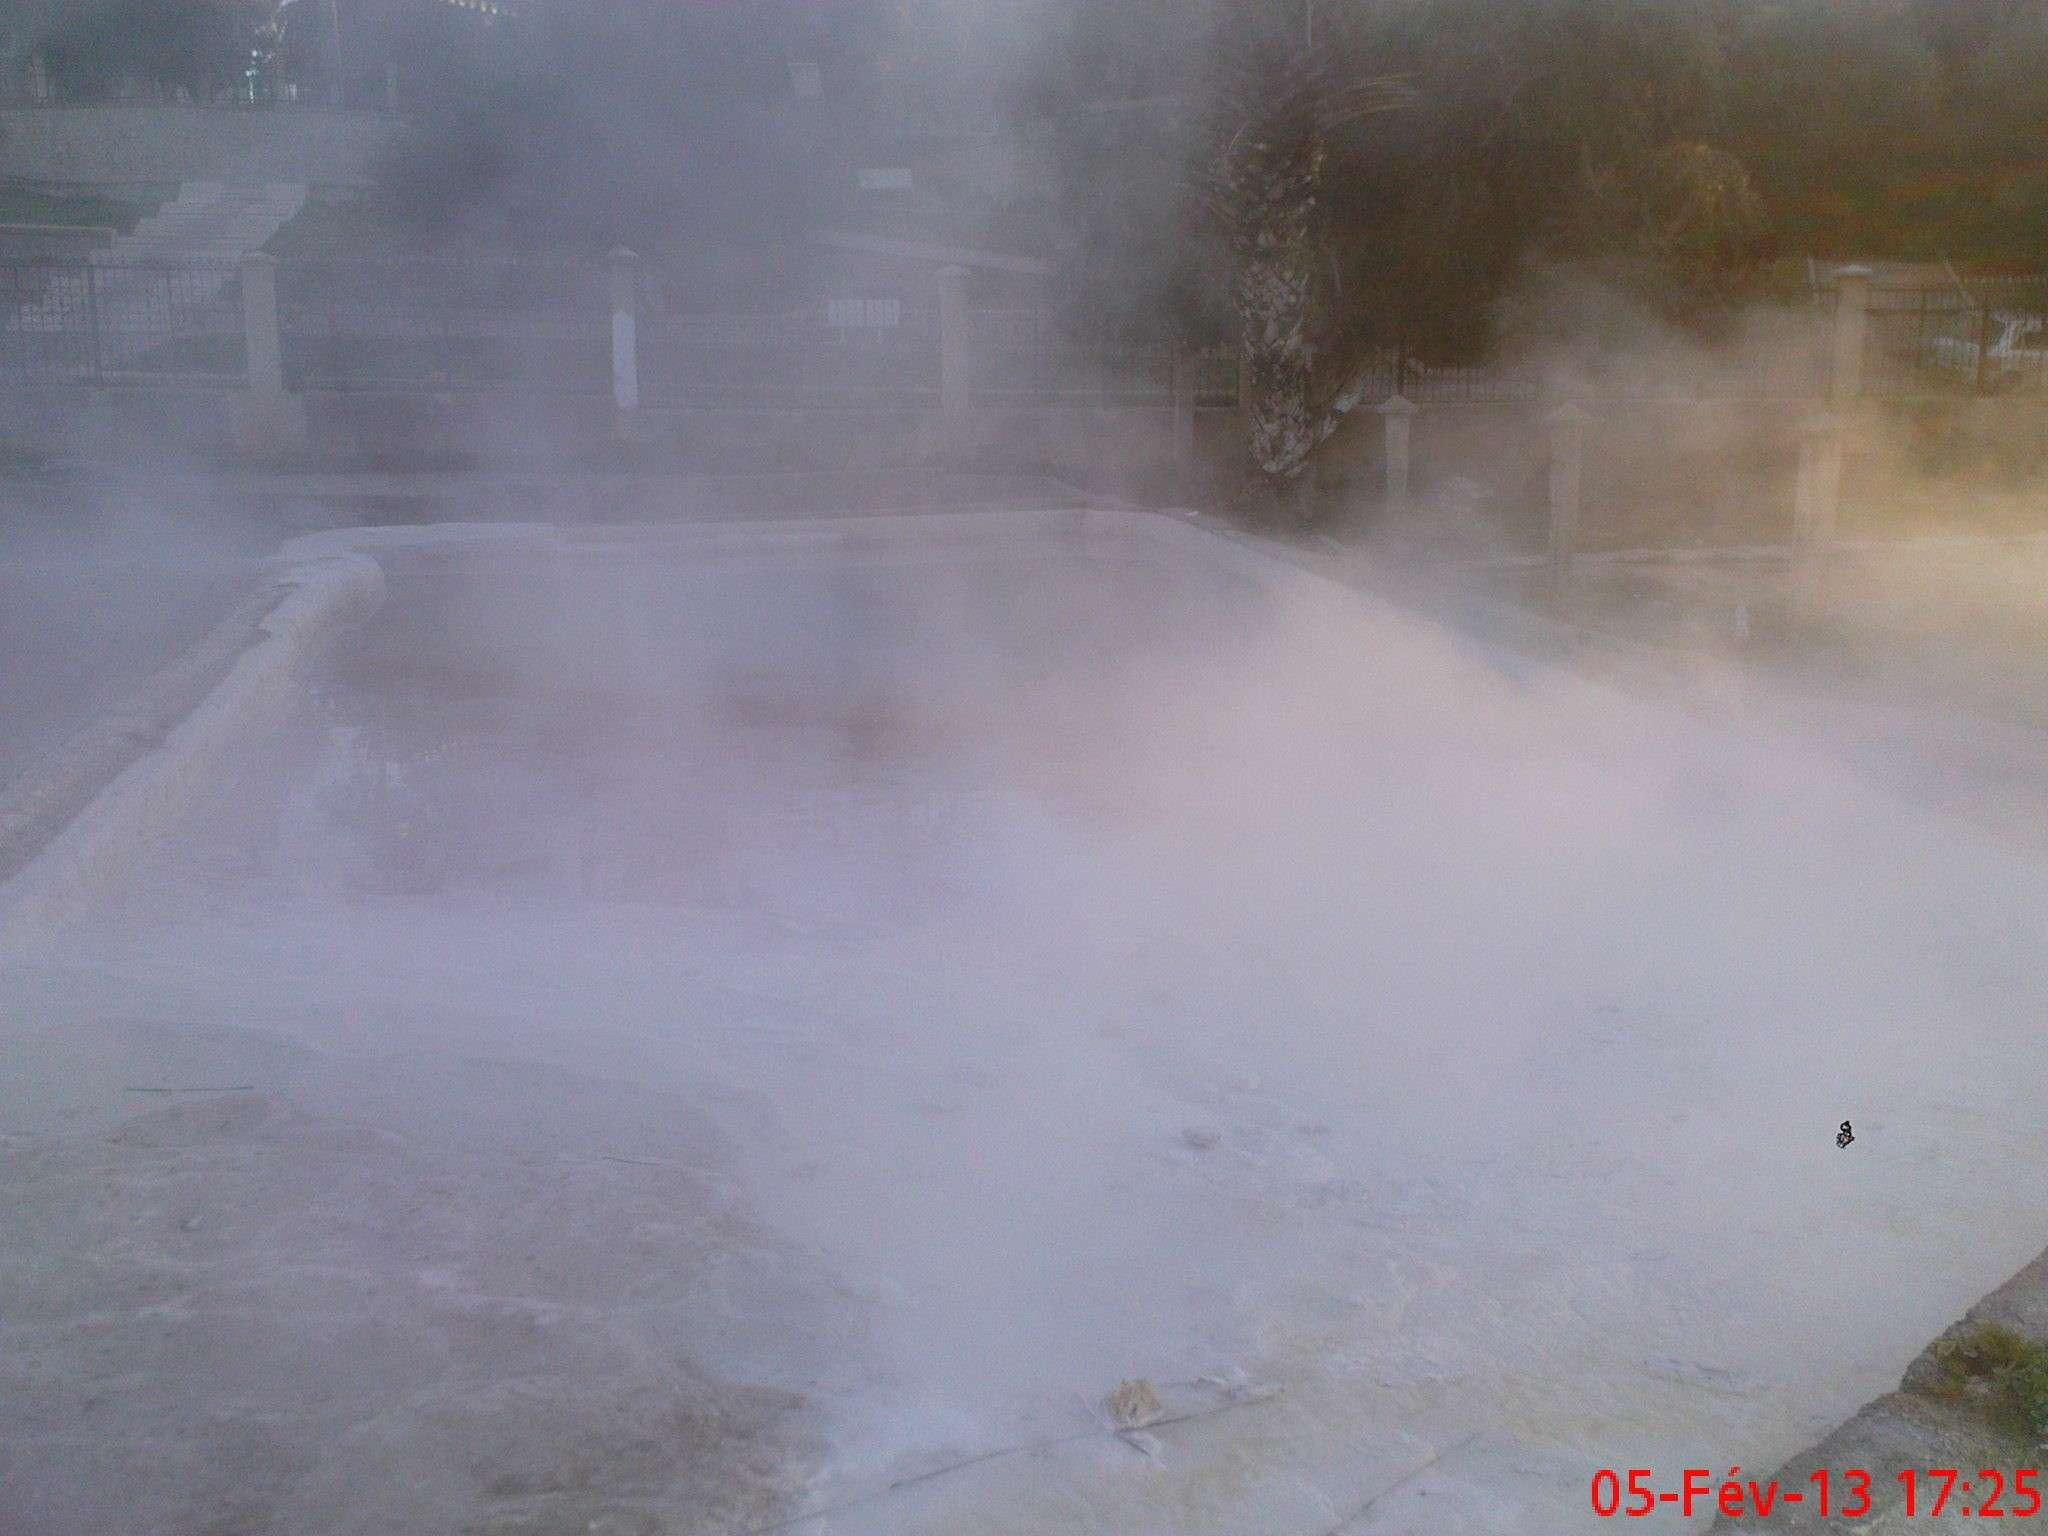 شاهد سحر وجمال الطبيعة في حمام المسخوطين Dsc02129